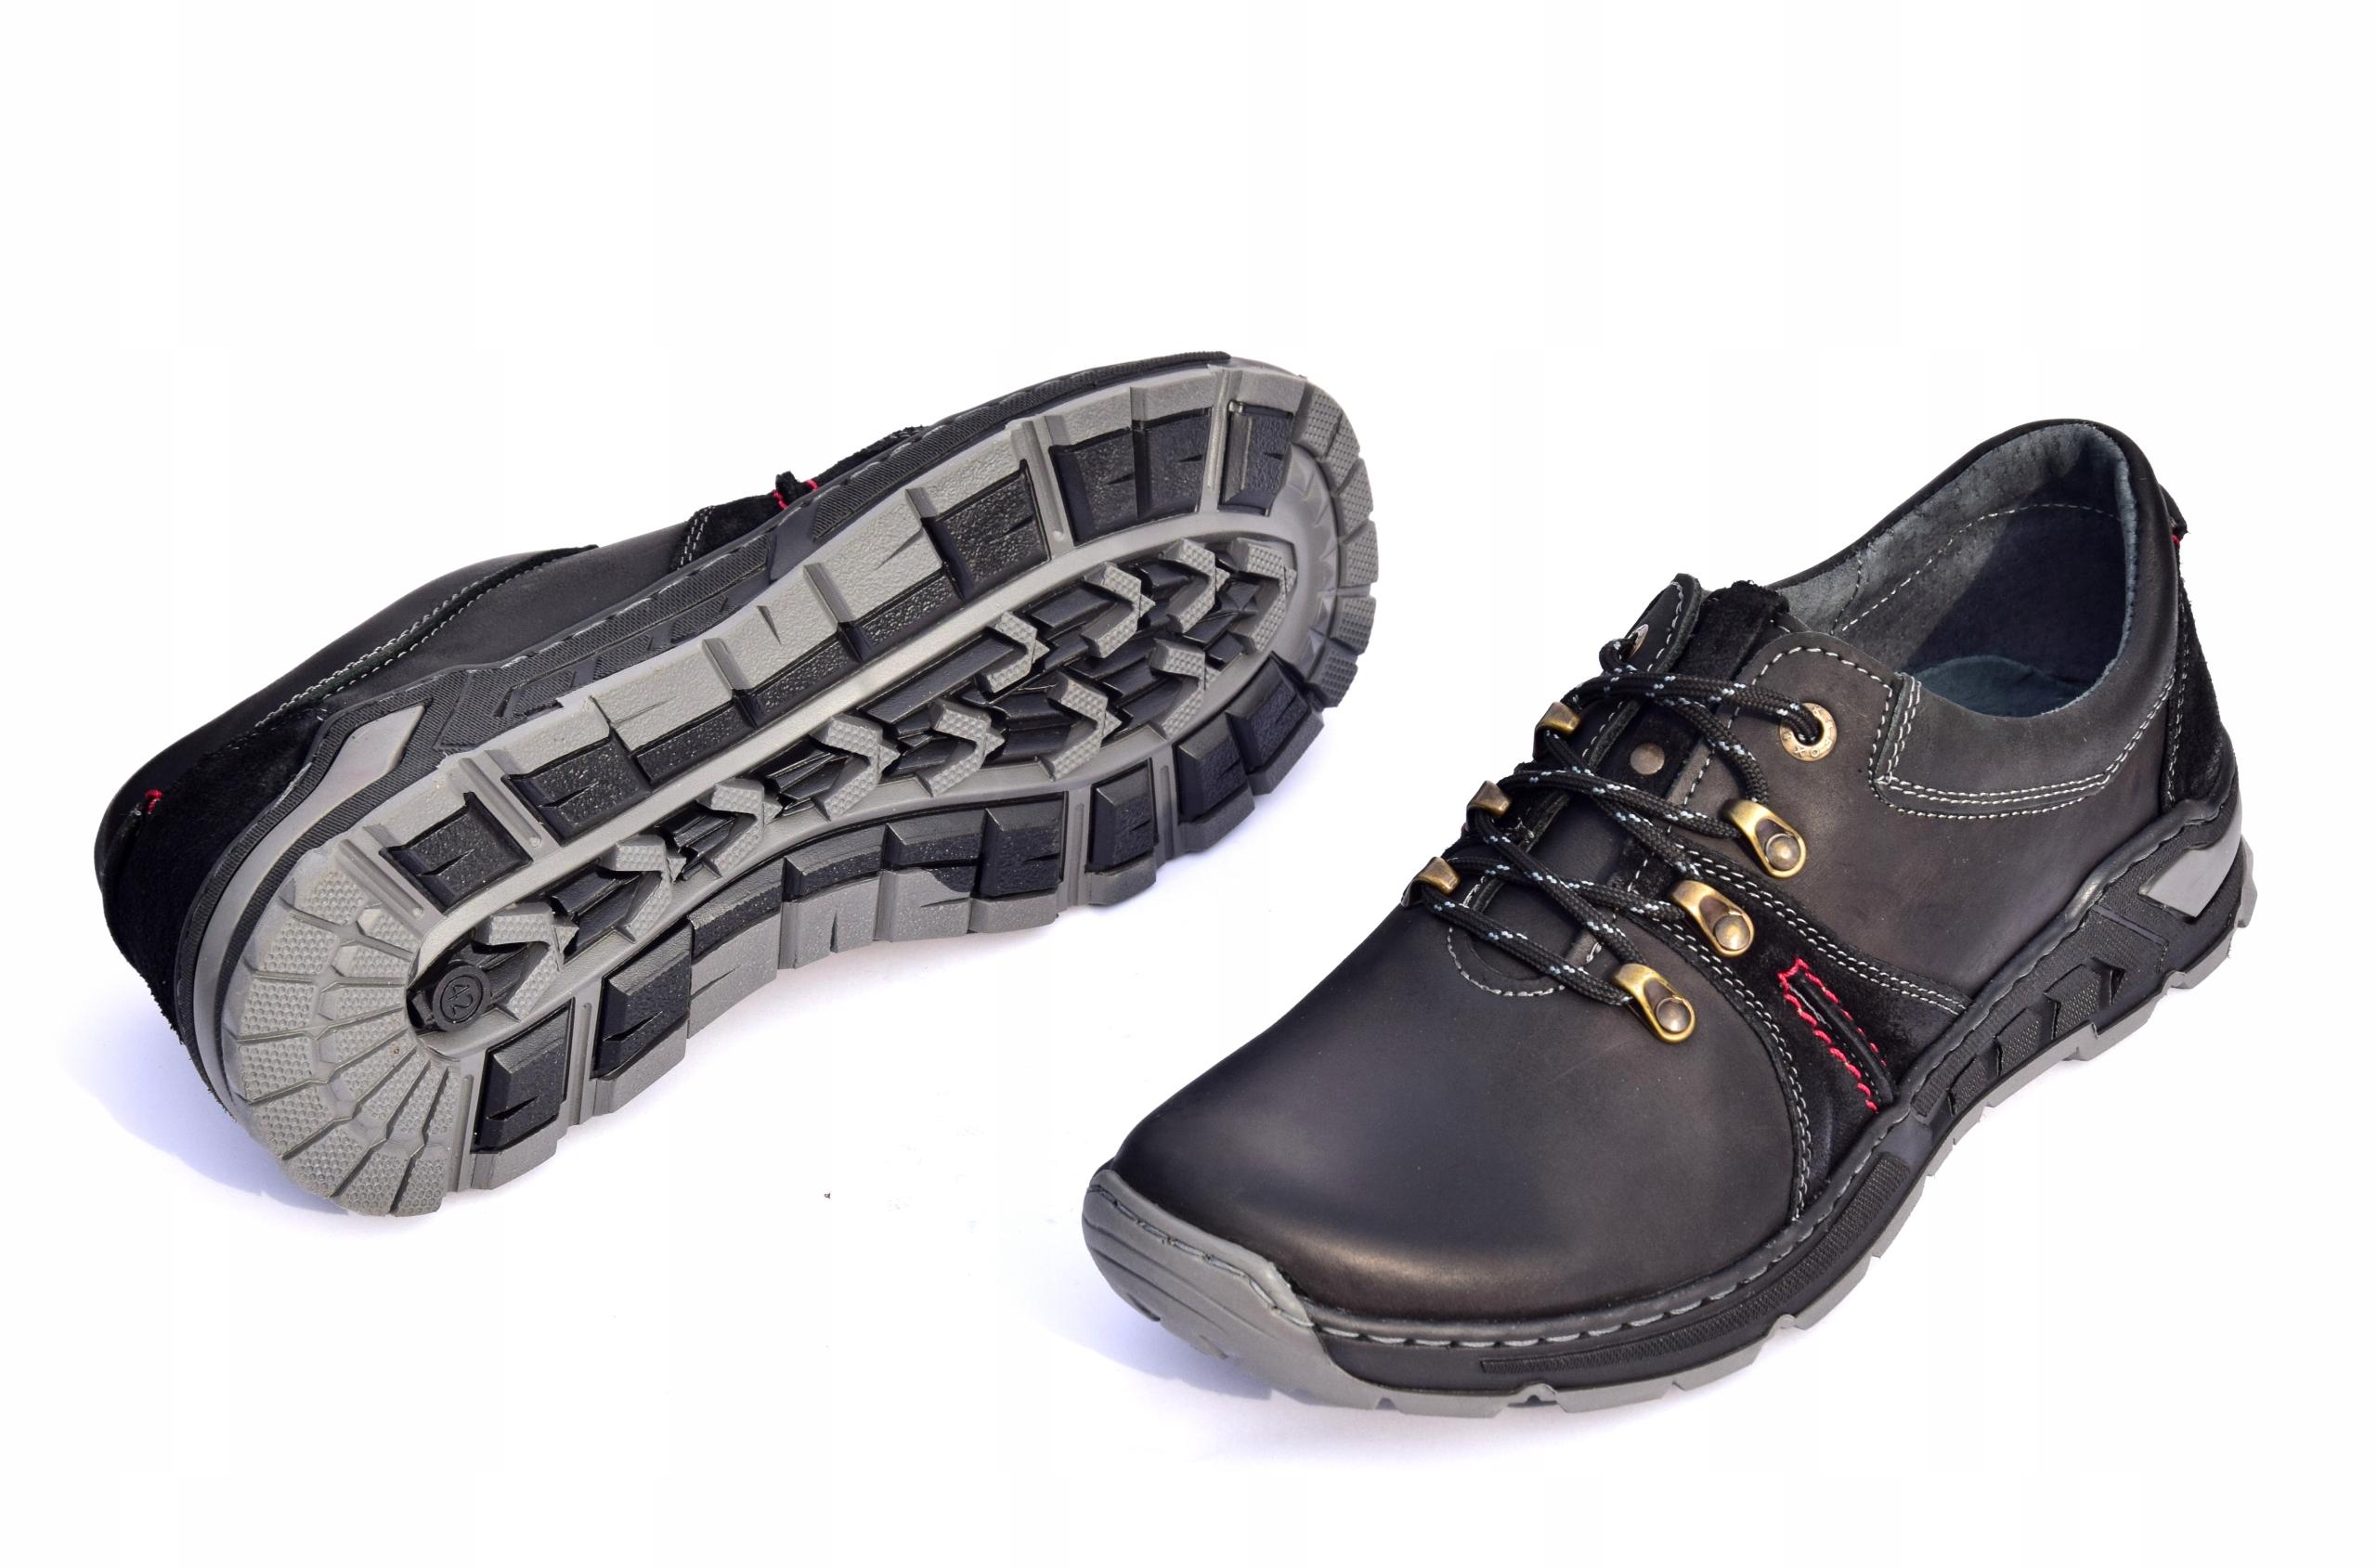 Półbuty trekkingowe obuwie skórzane polskie 0242 Materiał zewnętrzny skóra naturalna